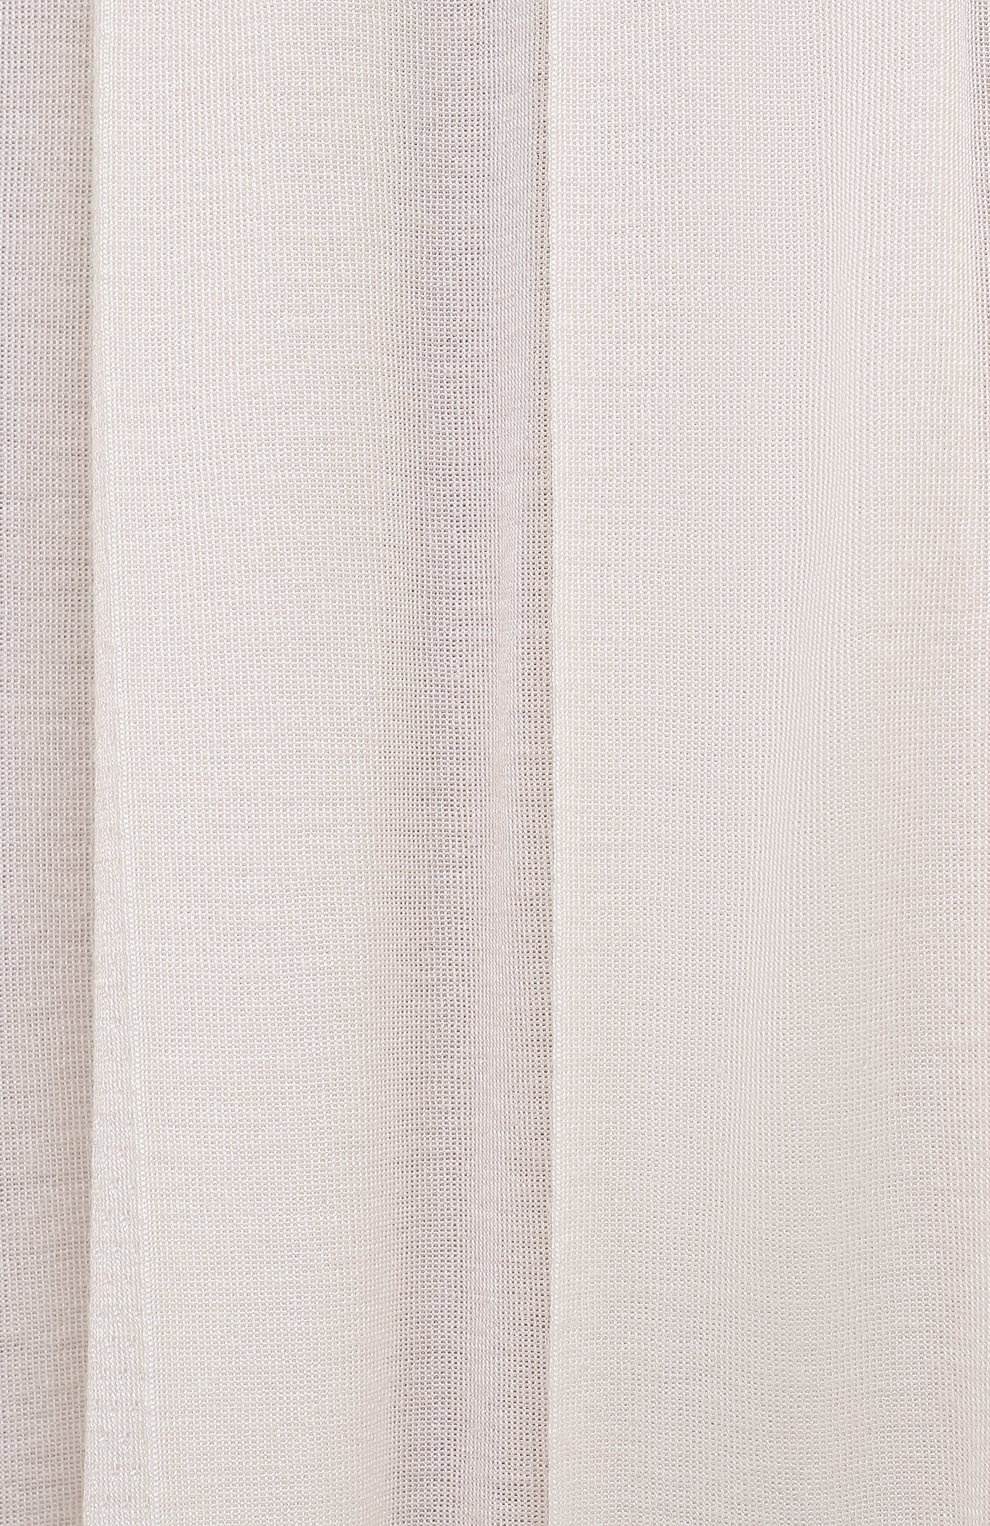 Женская юбка из кашемира и шелка LORO PIANA белого цвета, арт. FAL5239 | Фото 5 (Материал внешний: Шерсть, Шелк, Кашемир; Женское Кросс-КТ: юбка-плиссе, Юбка-одежда; Длина Ж (юбки, платья, шорты): Миди; Стили: Романтичный)